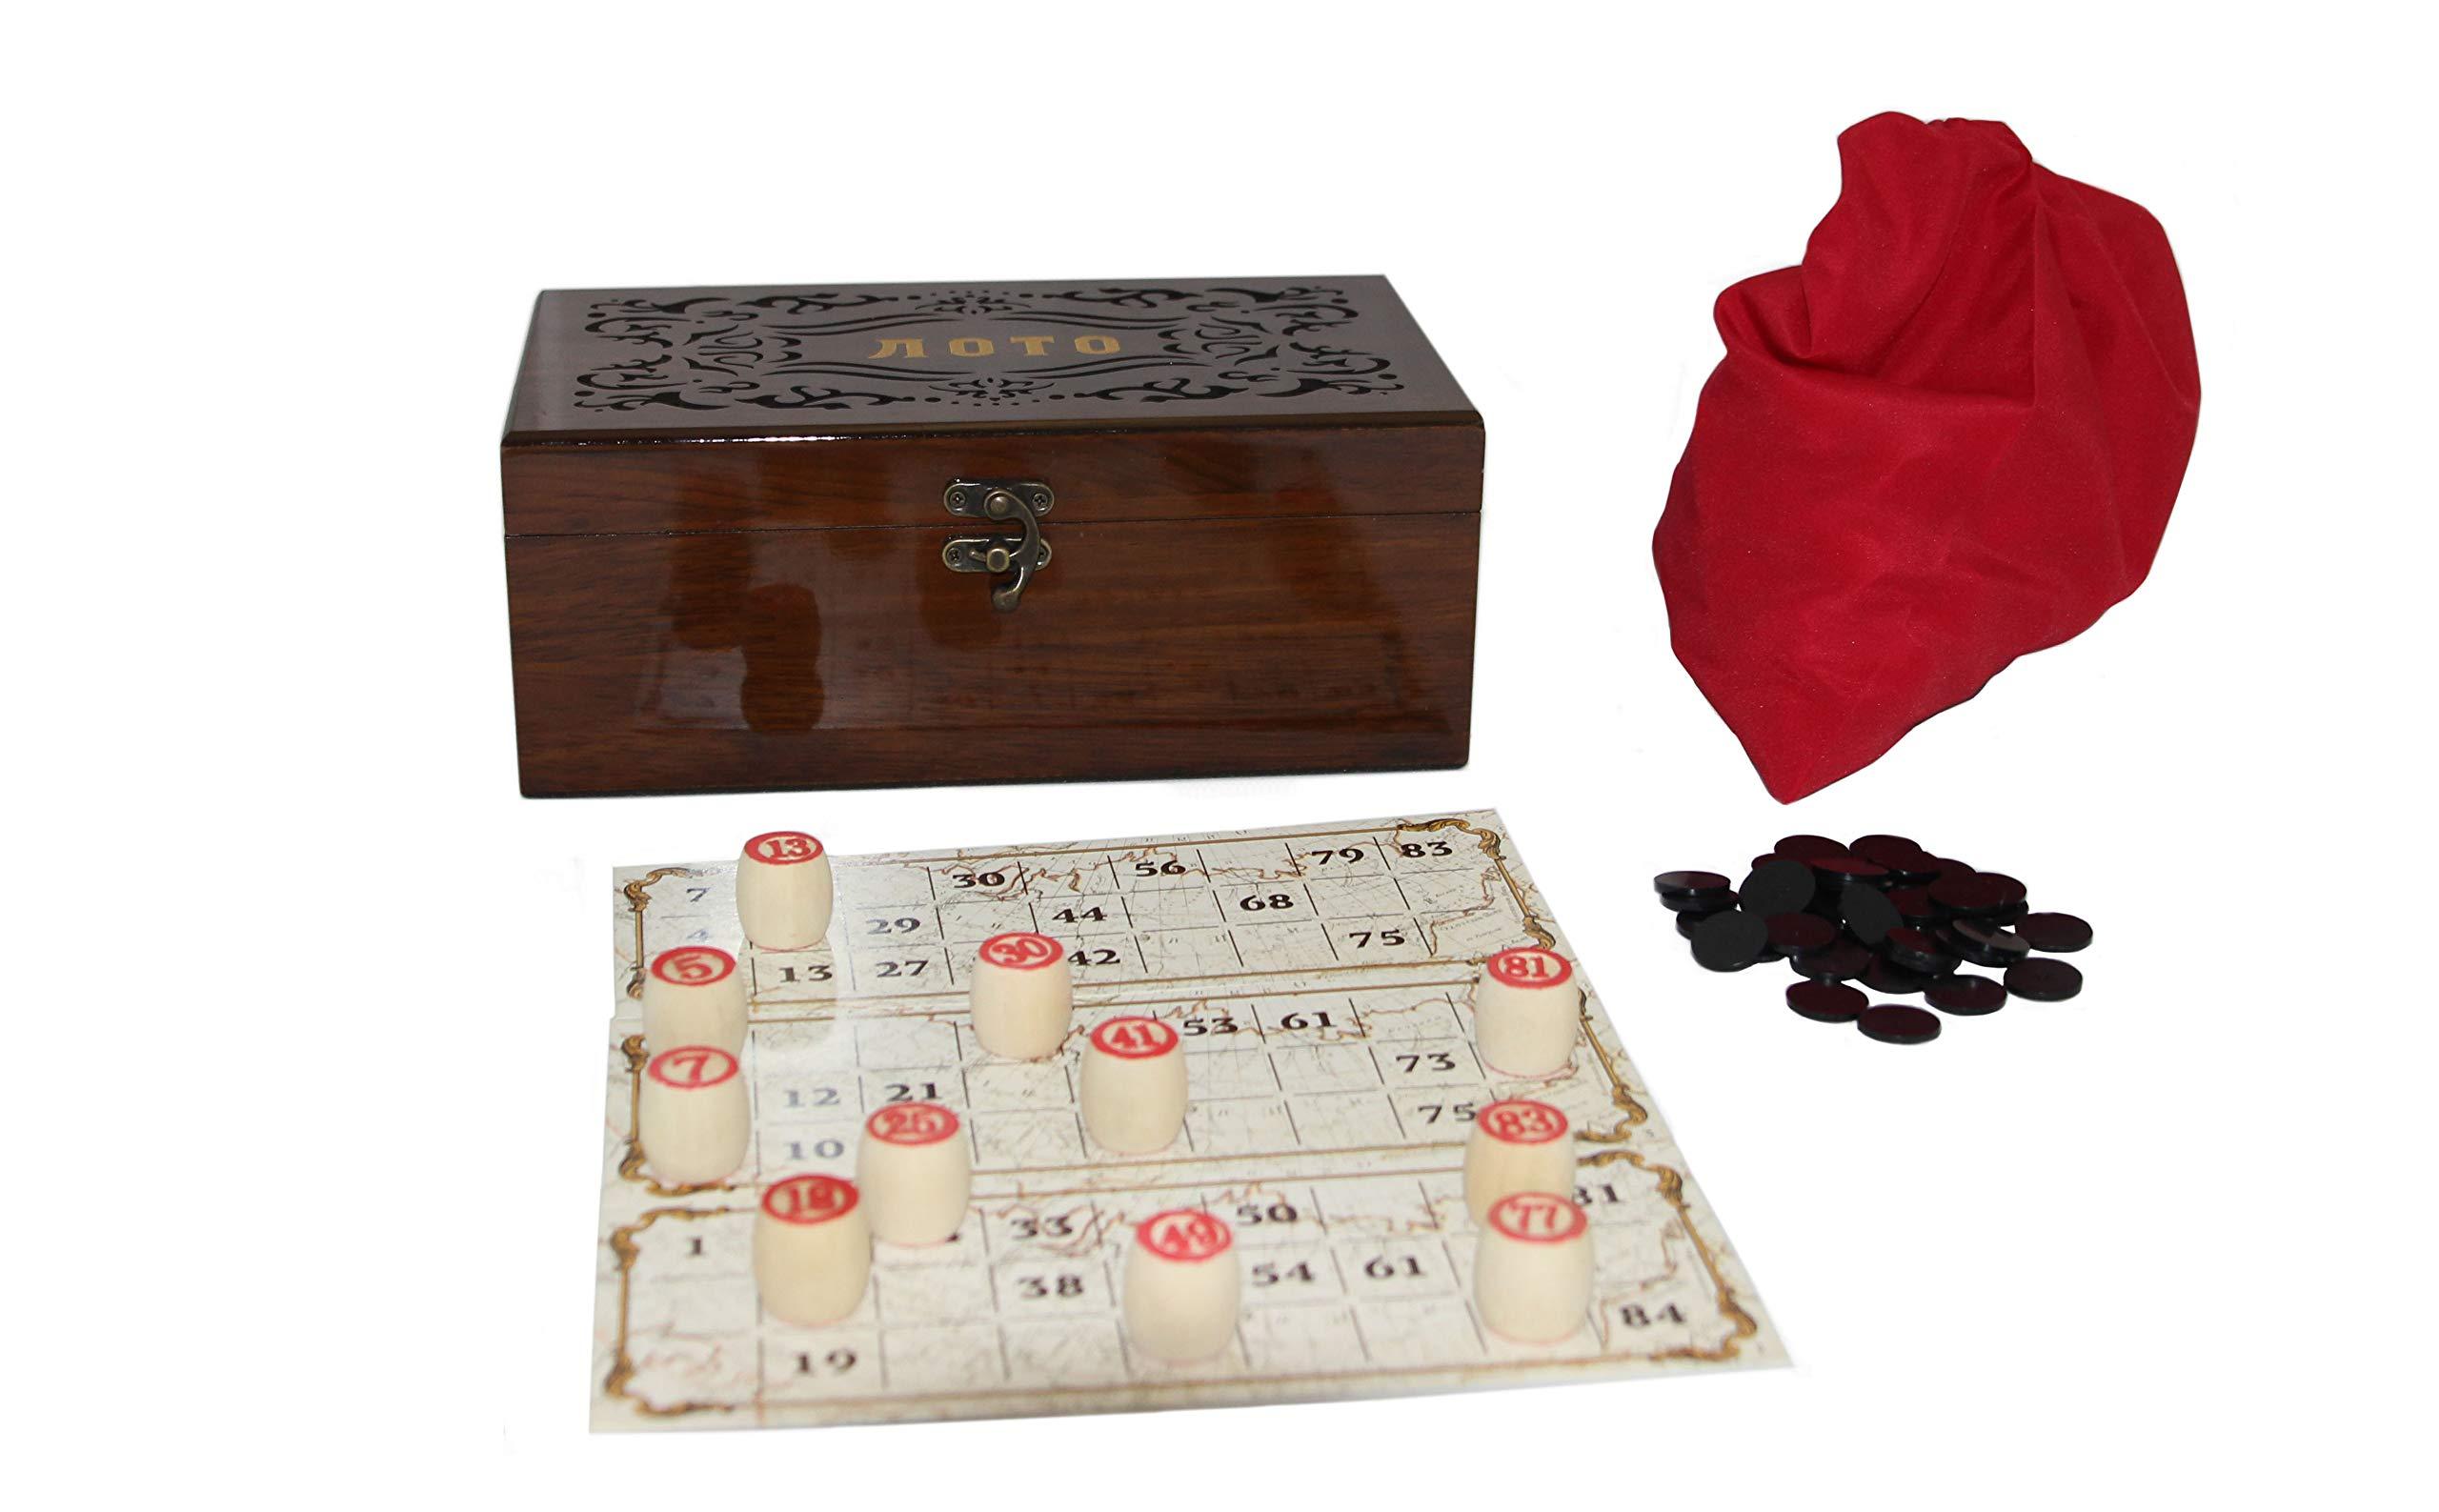 rukauf-Lottospiel-Russisches-Lotto-Loto-Spielset-im-schn-verzierten-Holzkasten-mit-Holzfiguren-Bingospiel-Familienspiel